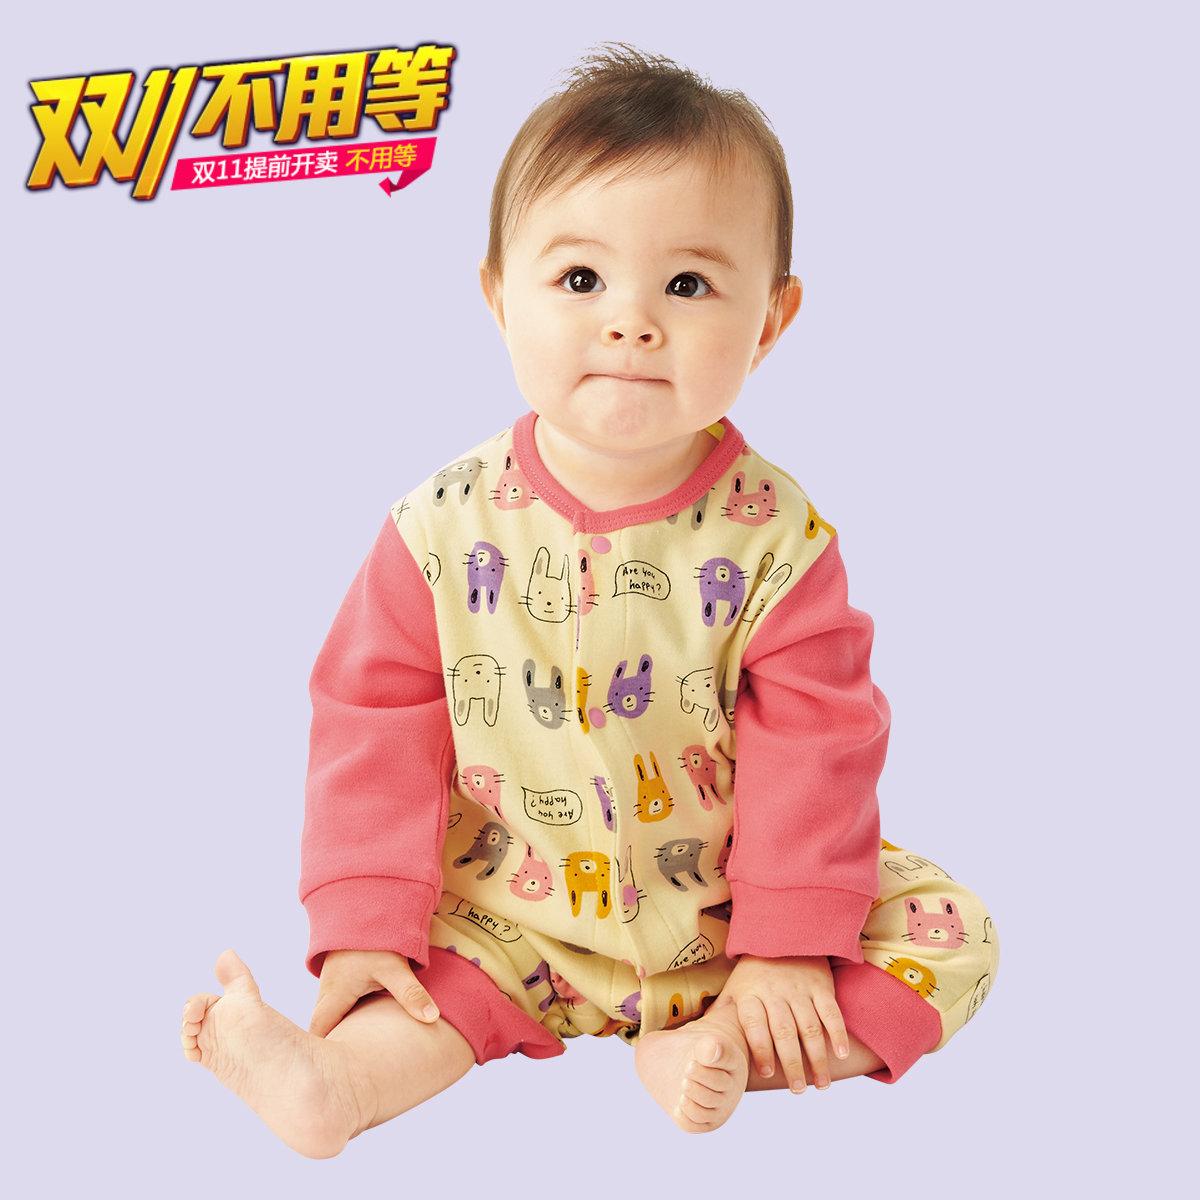 日本Nissen 16秋(特价现货)女宝宝小兔小鸟长袖连身衣爬服